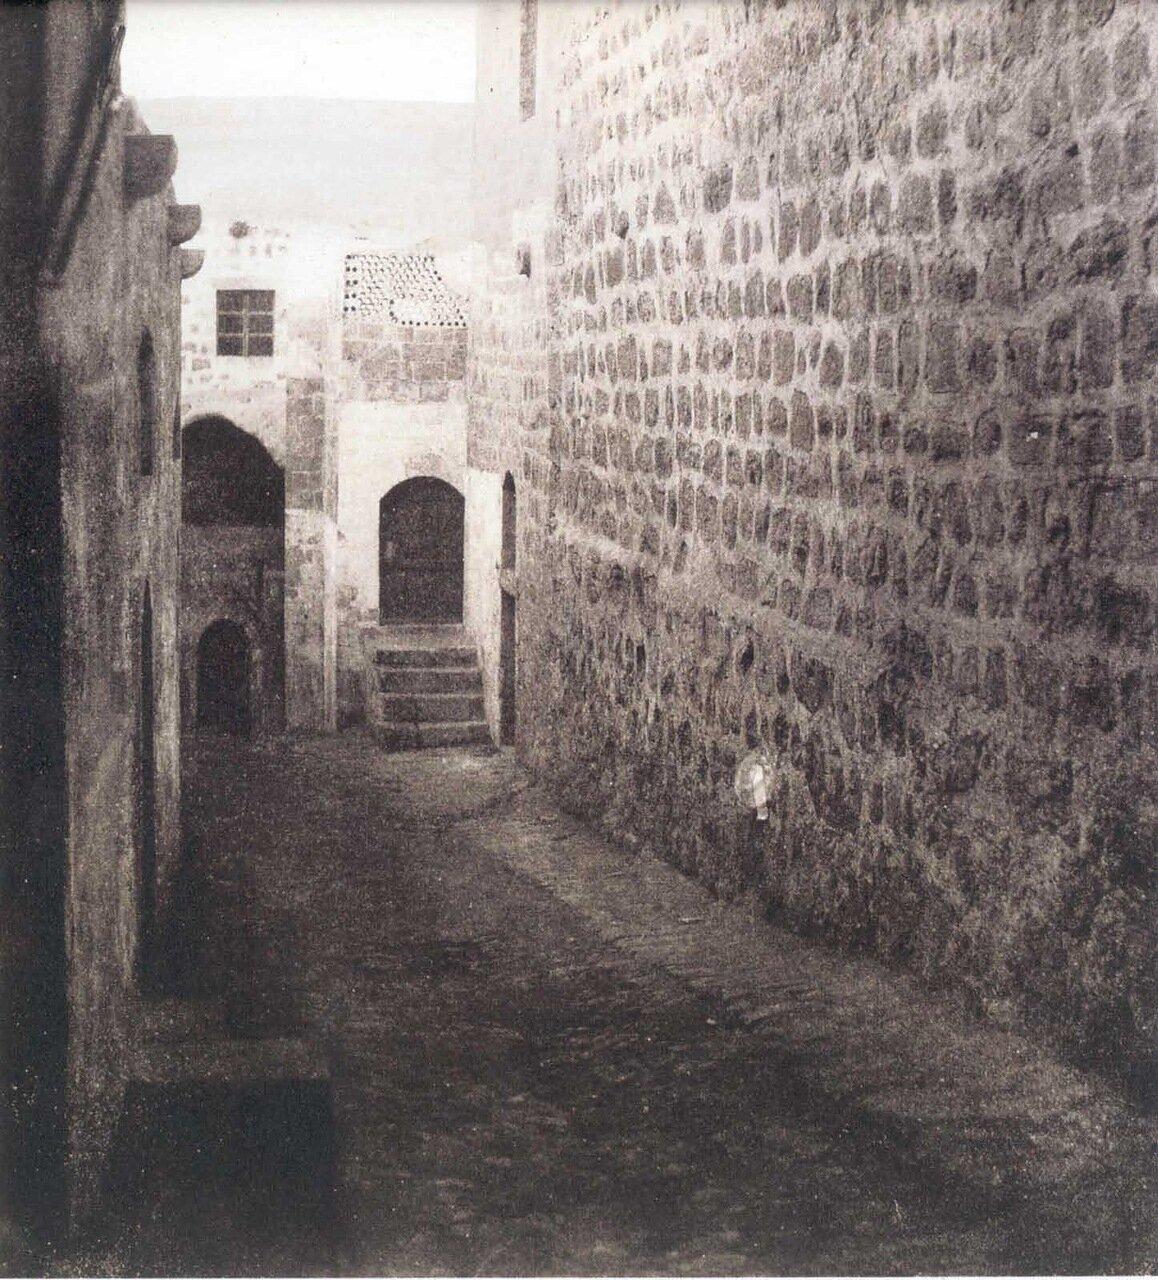 Виа Долороза 8 остановка. Место встречи Христа с благочестивой женщиной. 1870 г.